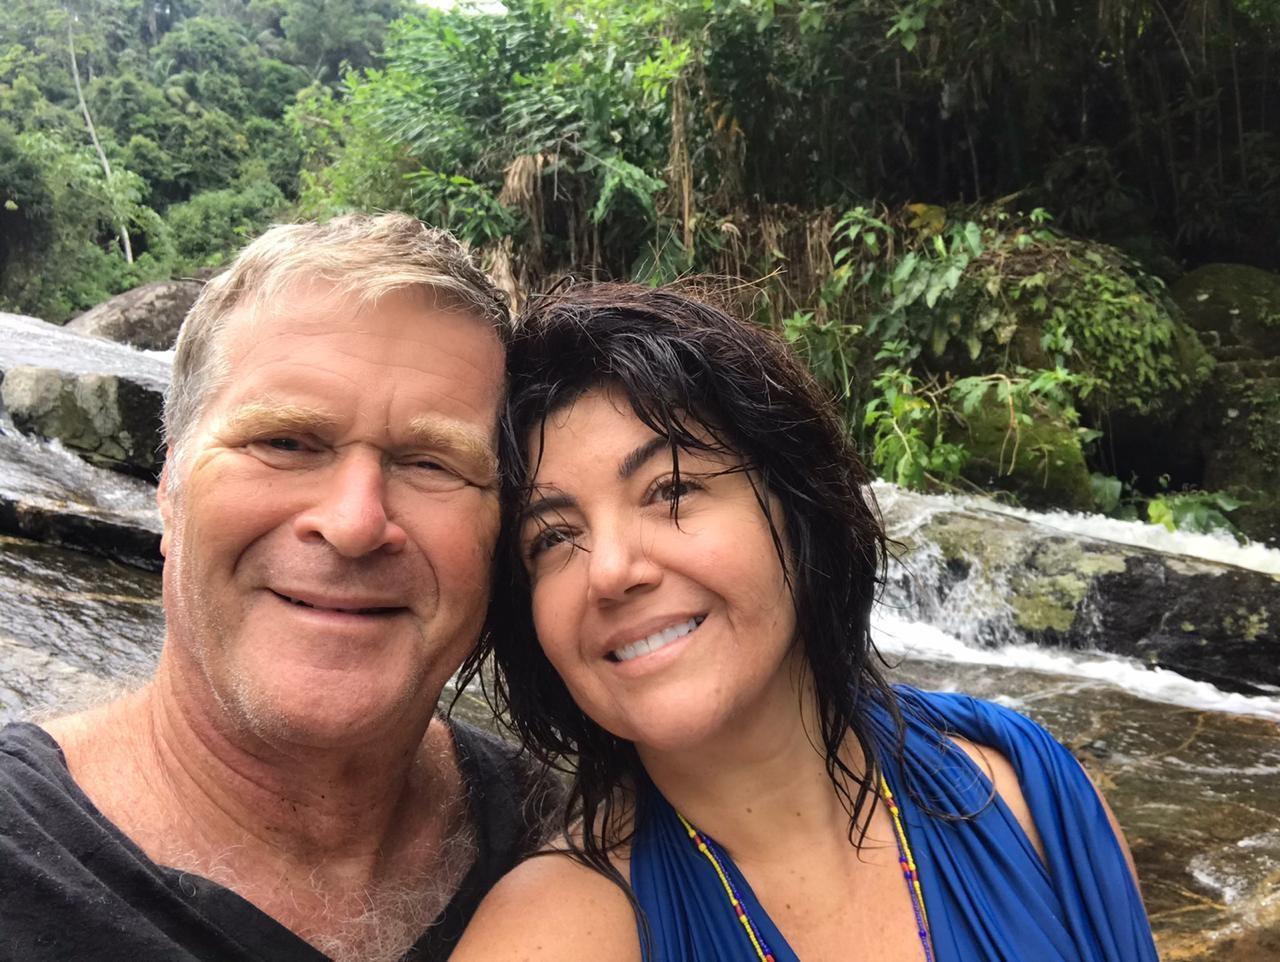 Morte de Sirkis é 'perda enorme' pro movimento ecológico brasileiro e mundial, diz Gabeira; veja a repercussão